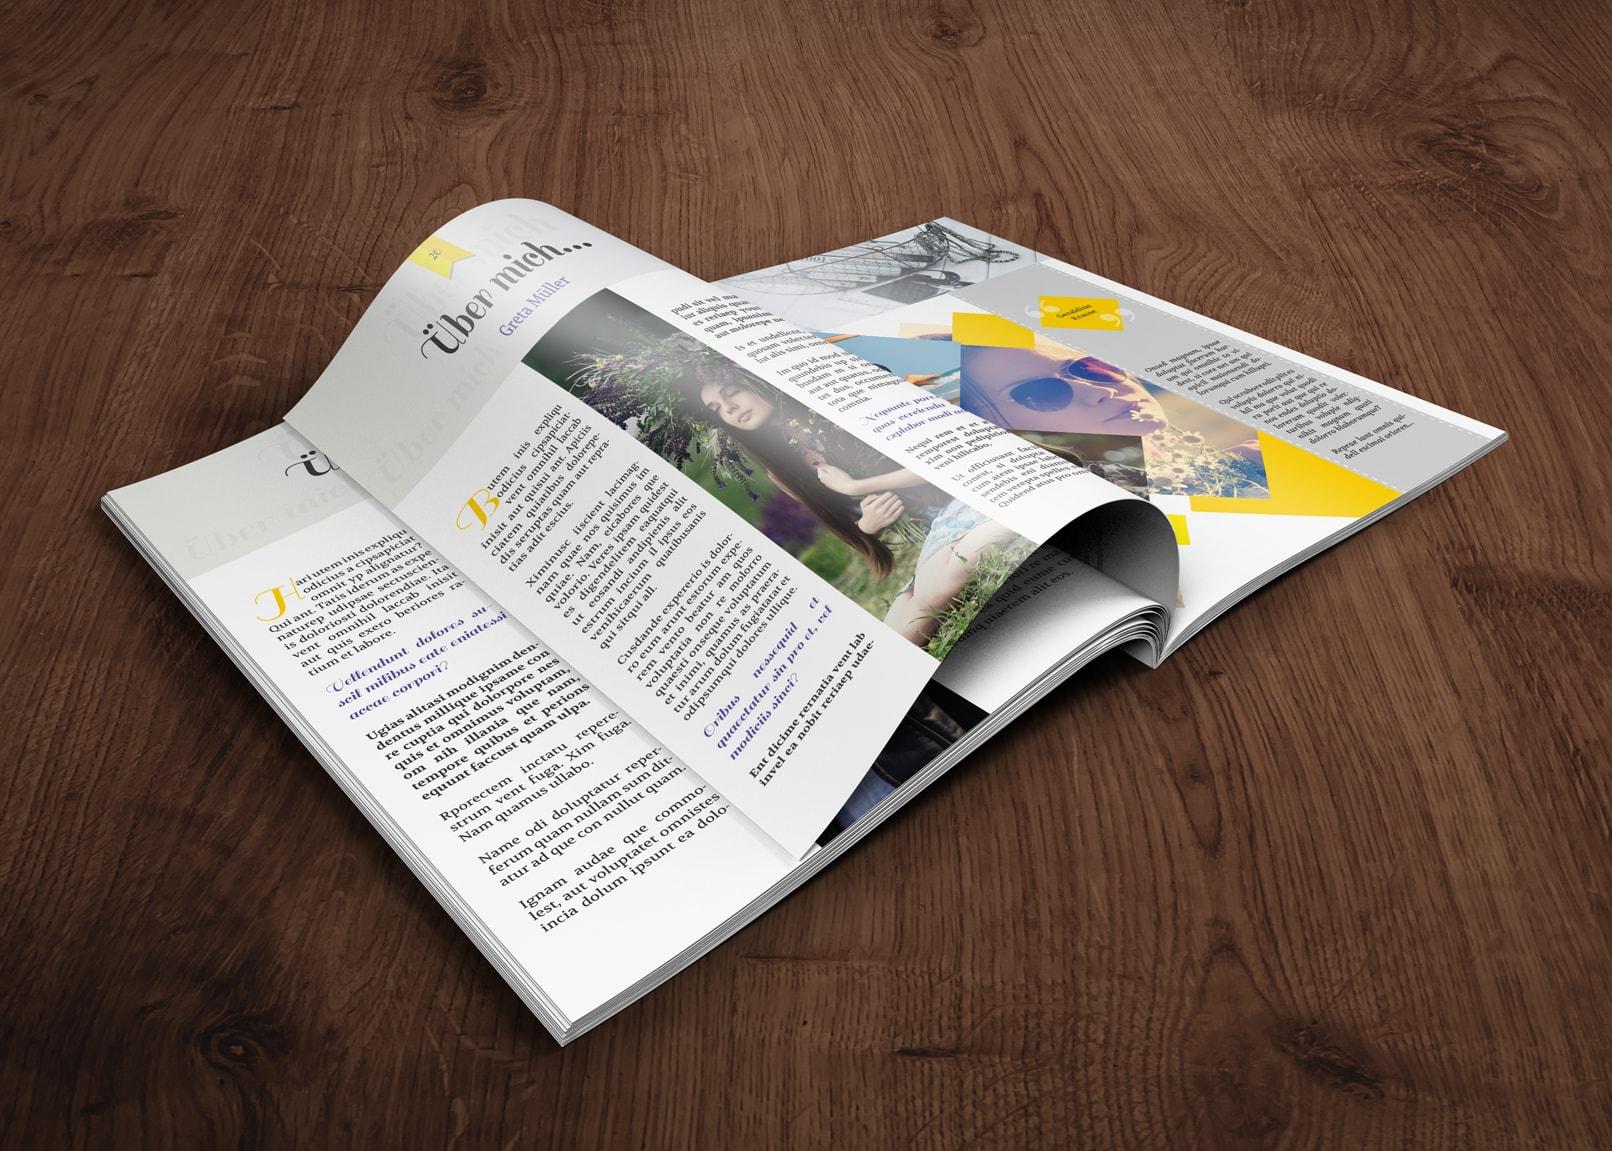 Vorlage für Abizeitung und Schülerzeitung im Hochformat DIN A4